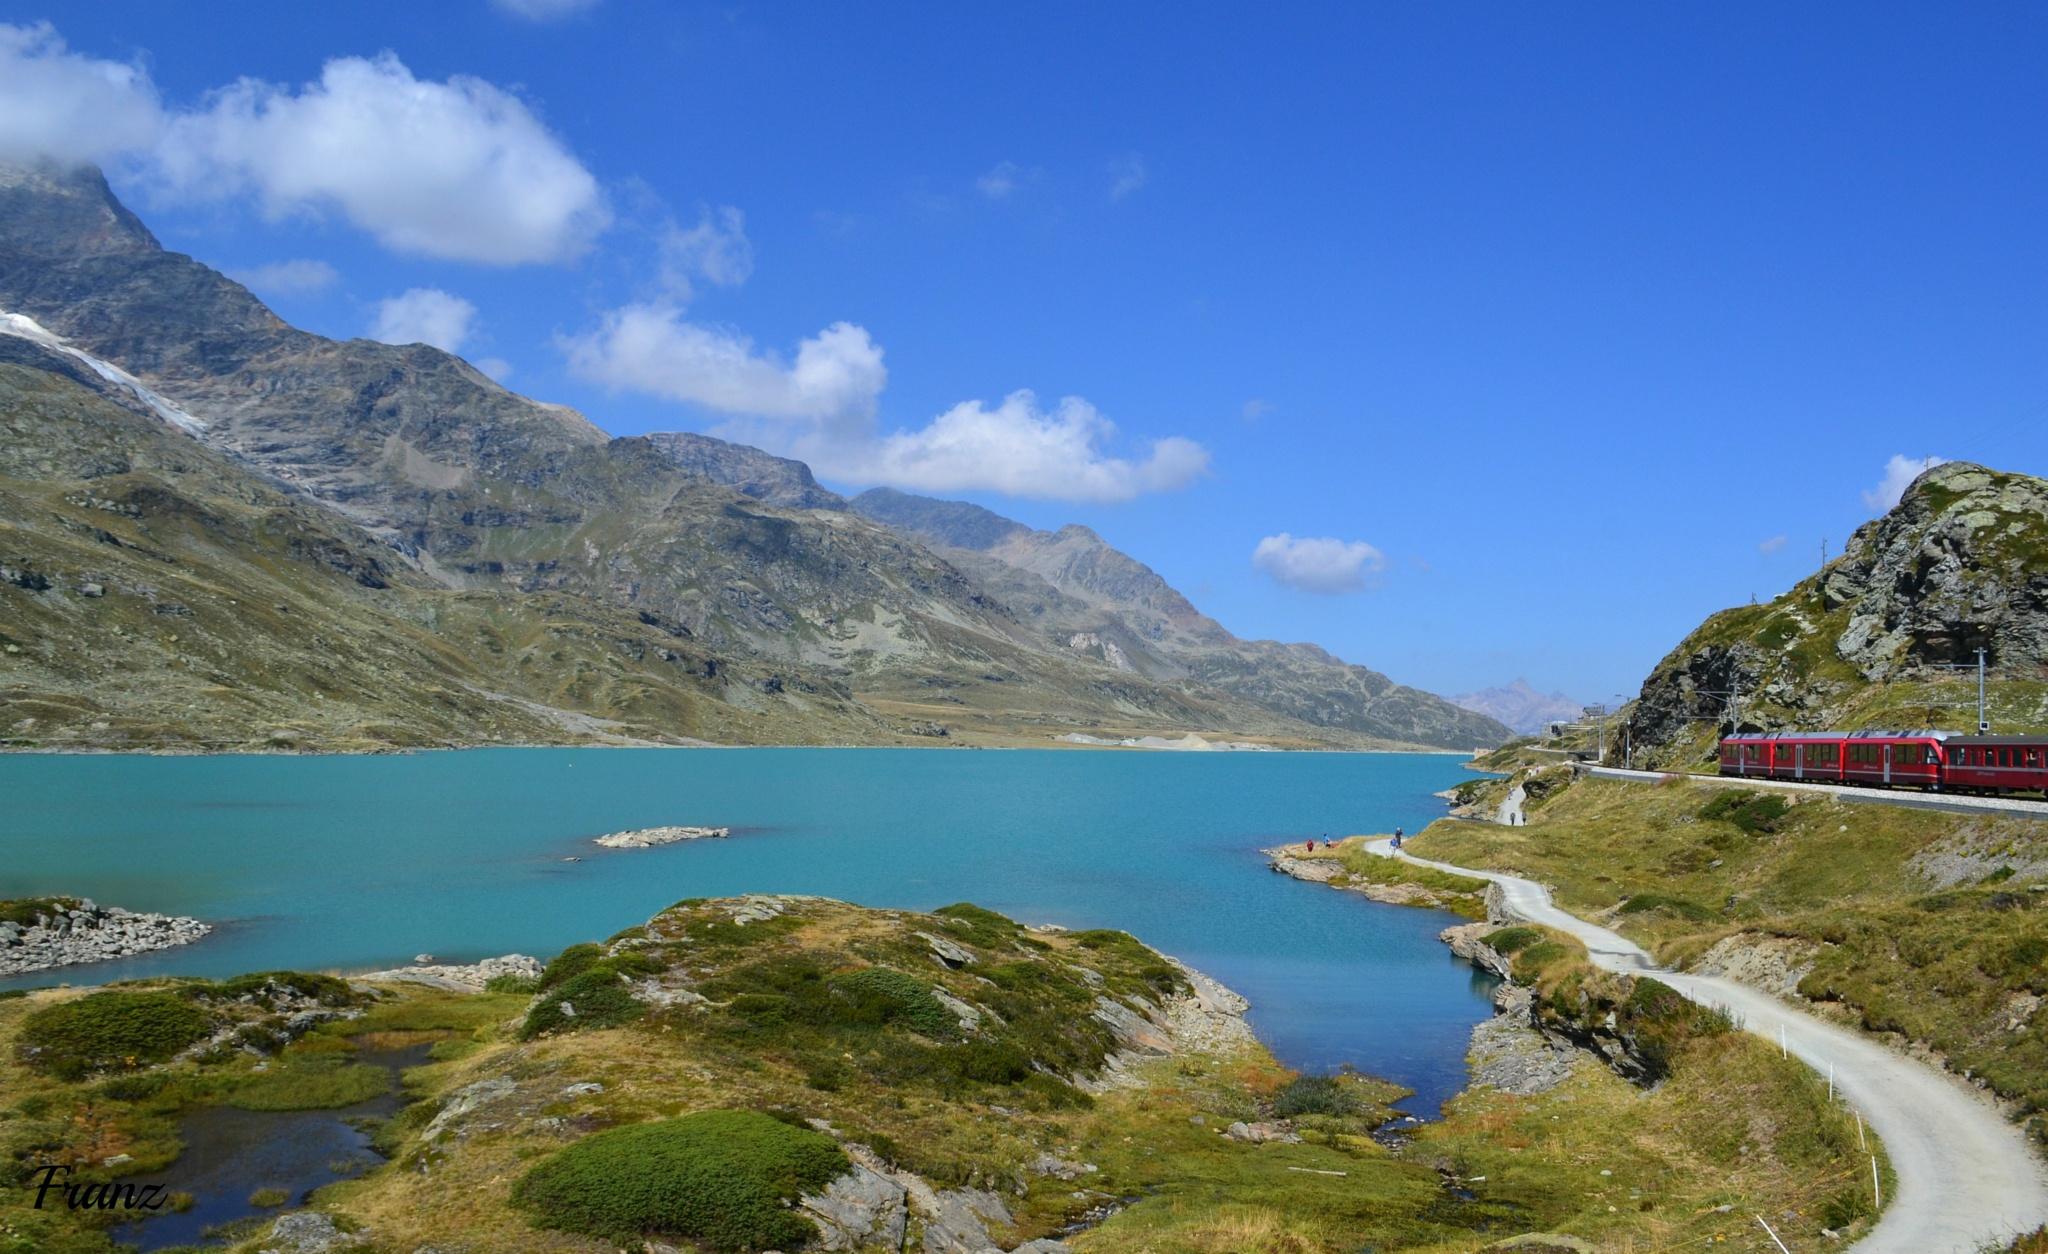 Bernina pass by WuzMykl